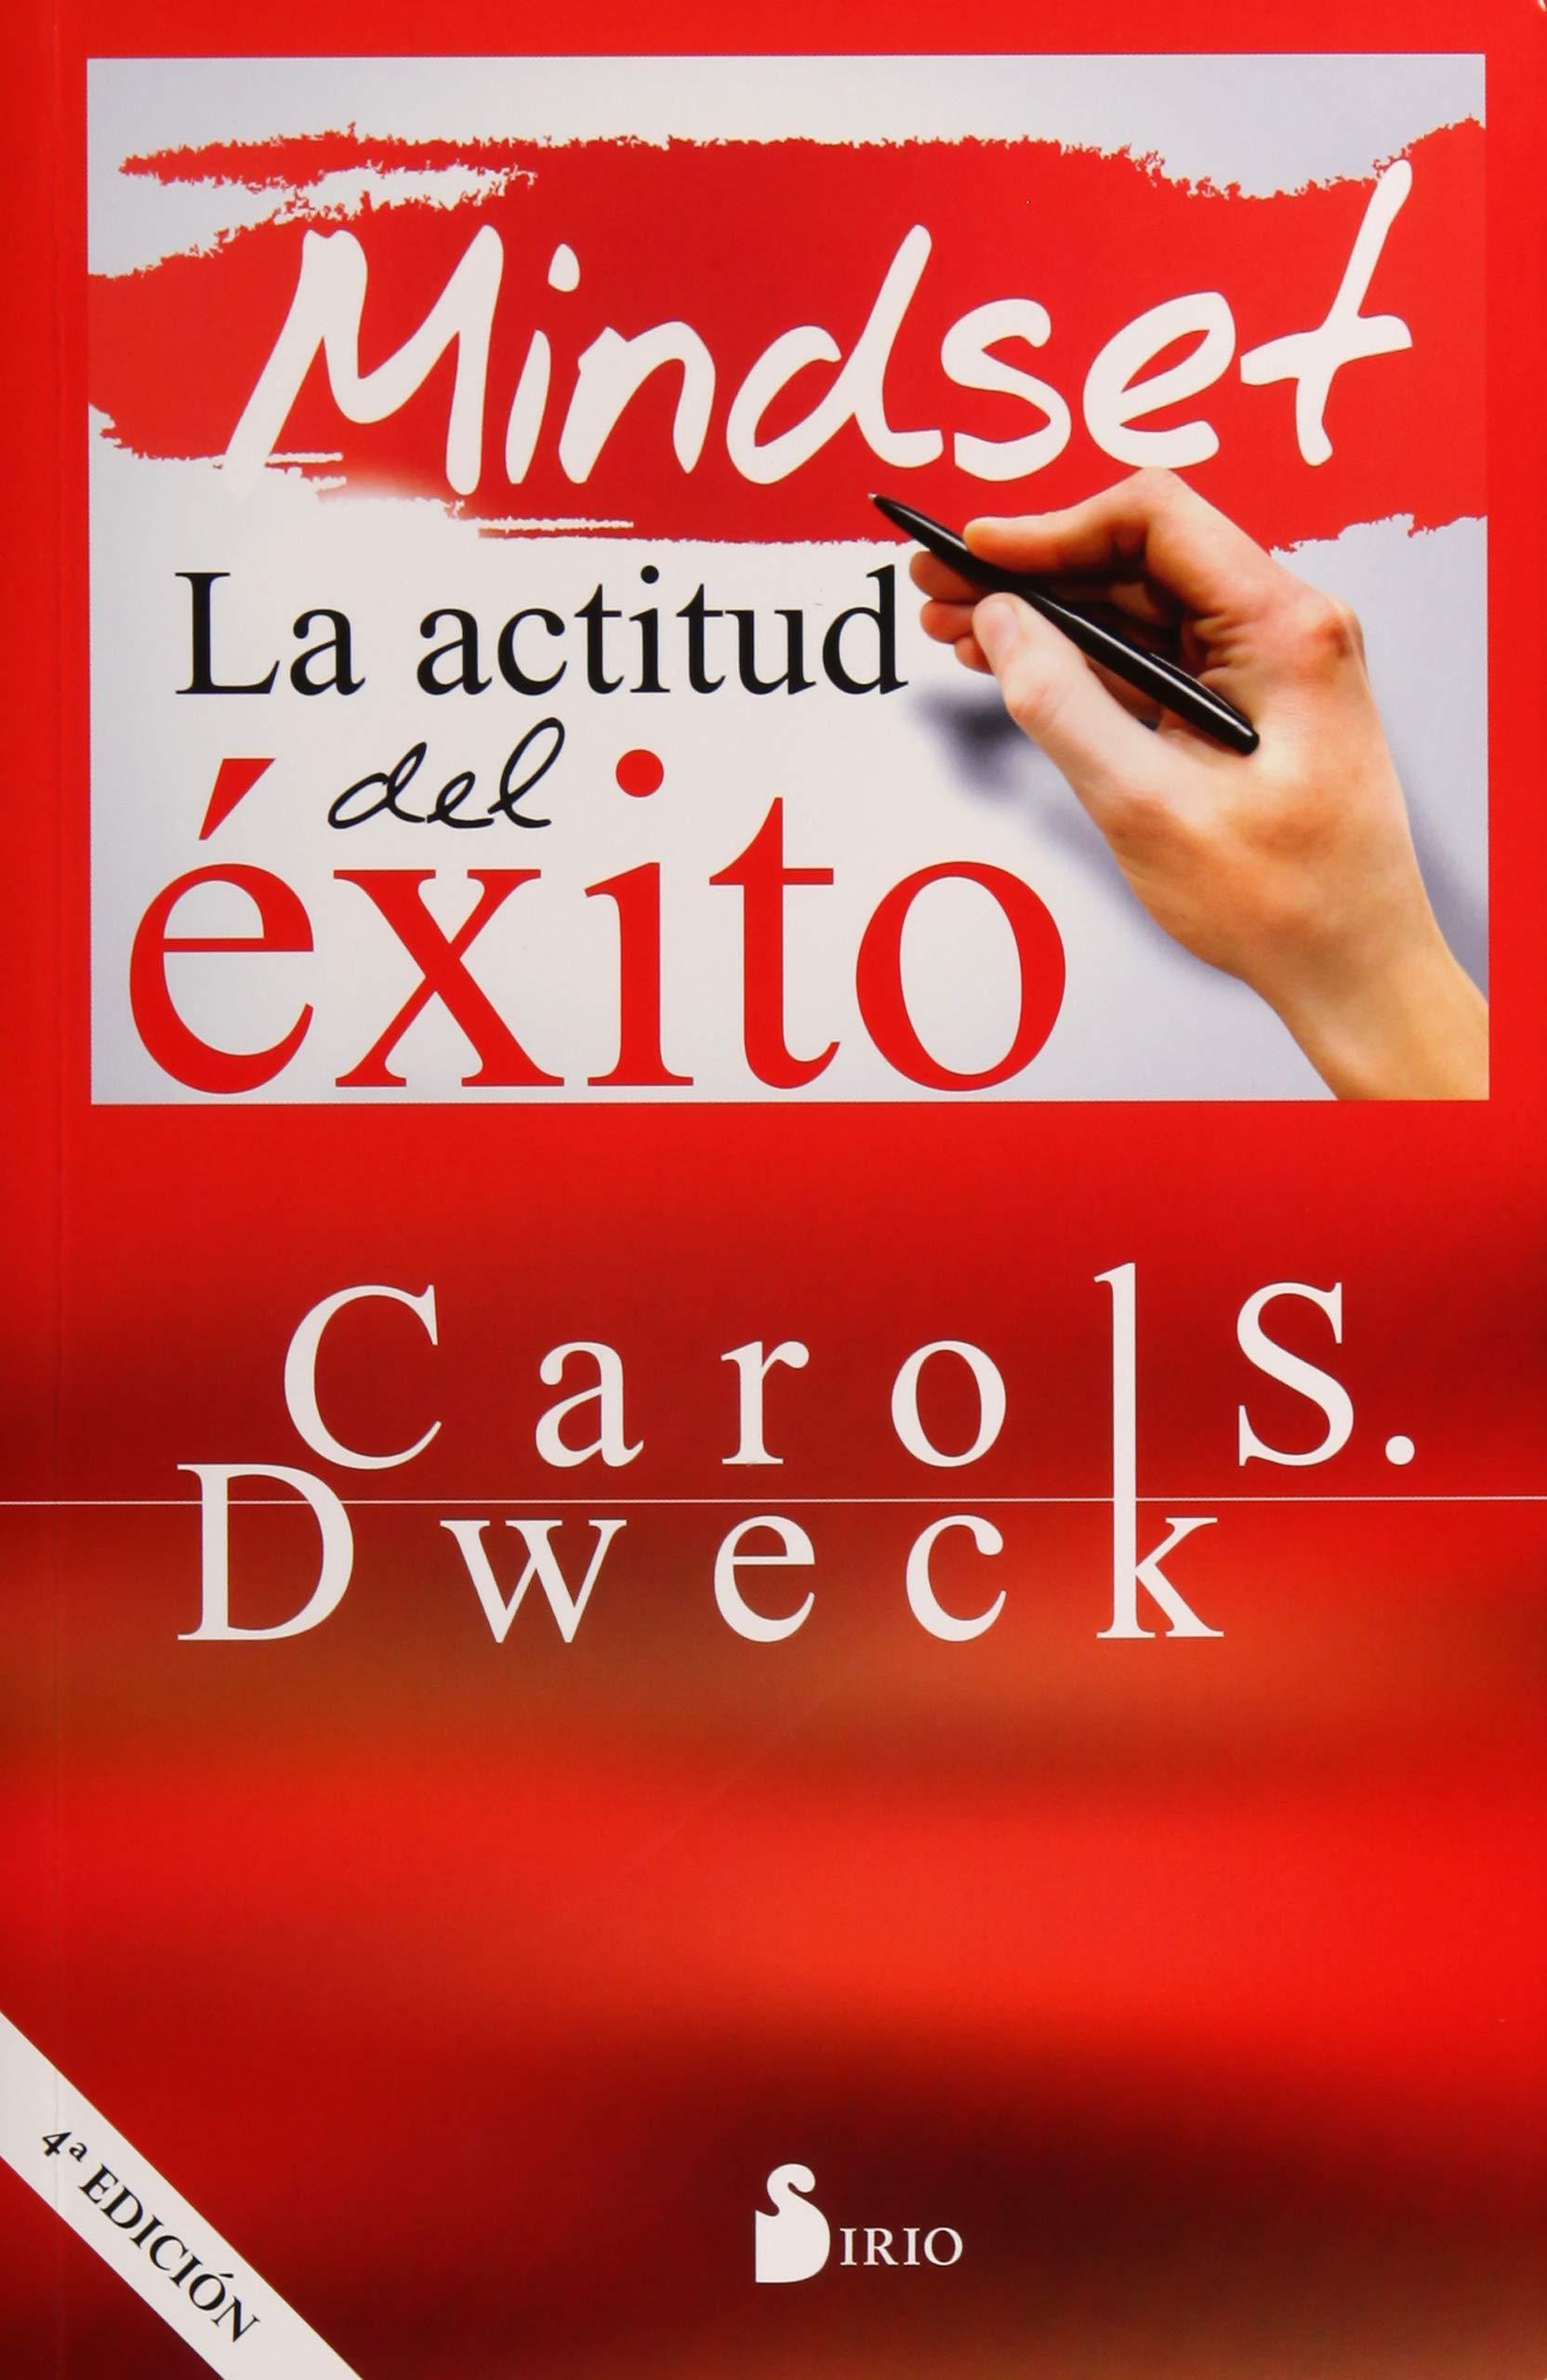 Libro Mindset Carol Dweck Pdf